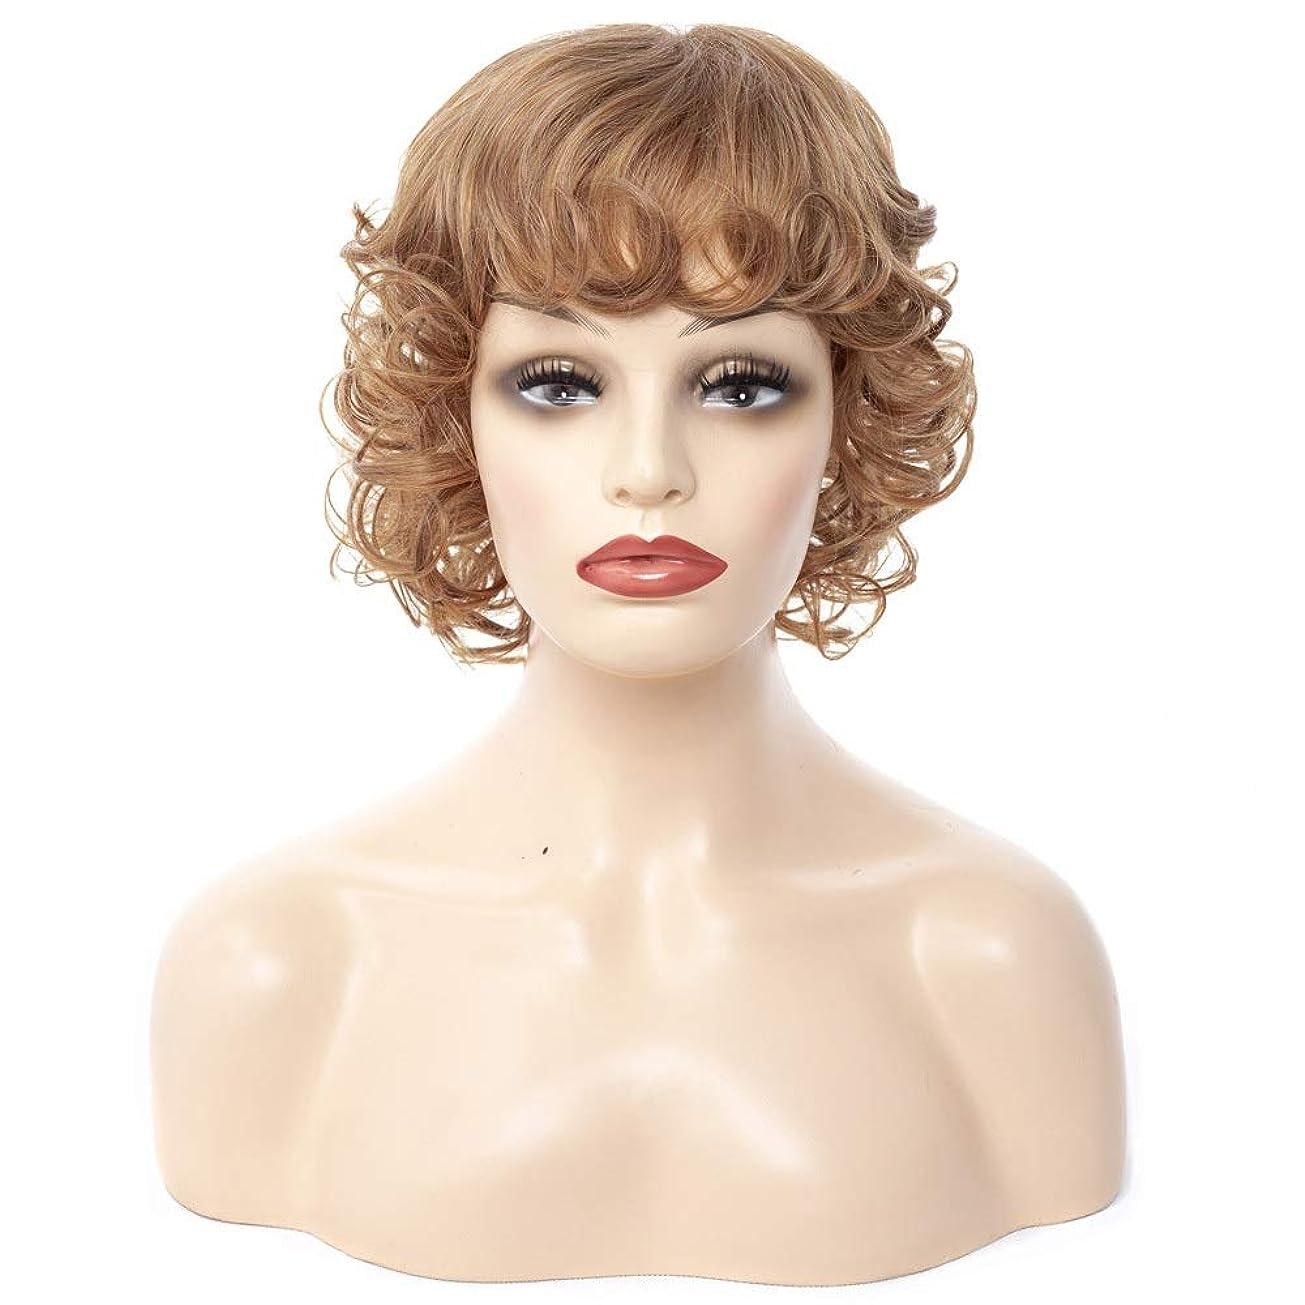 ミルクかすかな権利を与えるYOUQIU 女子ショートウィッグヘアスタイリング全波状カーリーヘアブロンドレディースウィッグウィッグ (色 : Blonde, サイズ : 30cm)